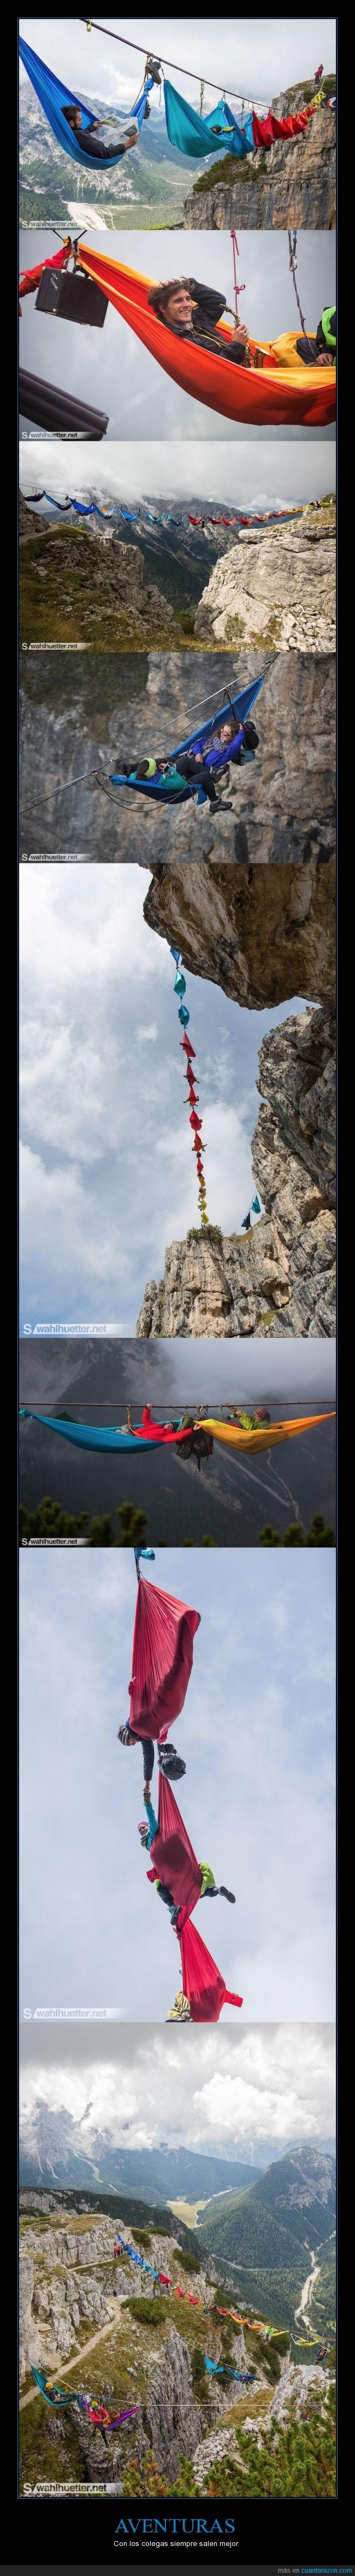 adrenalina,alturas,amigos,aventuras,bombas,escalada,fotos,monte piana